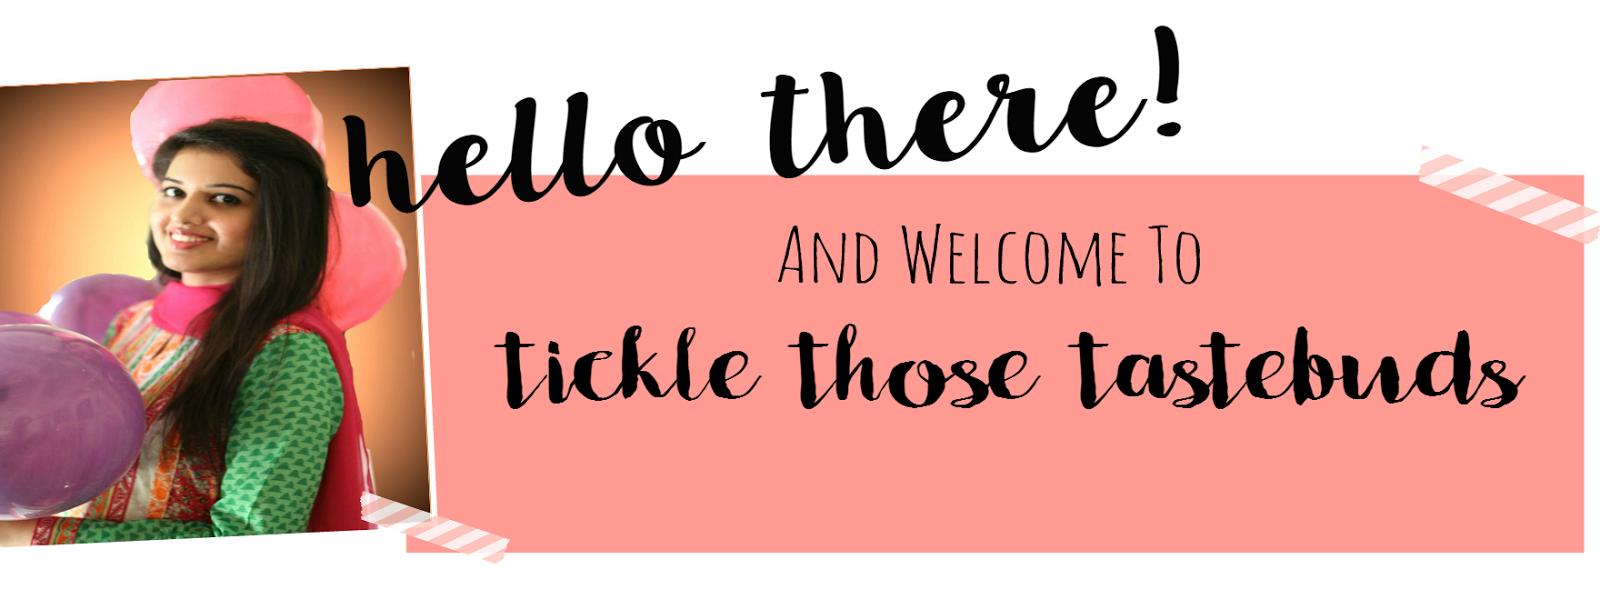 About-Me-Ticklethosetastebuds